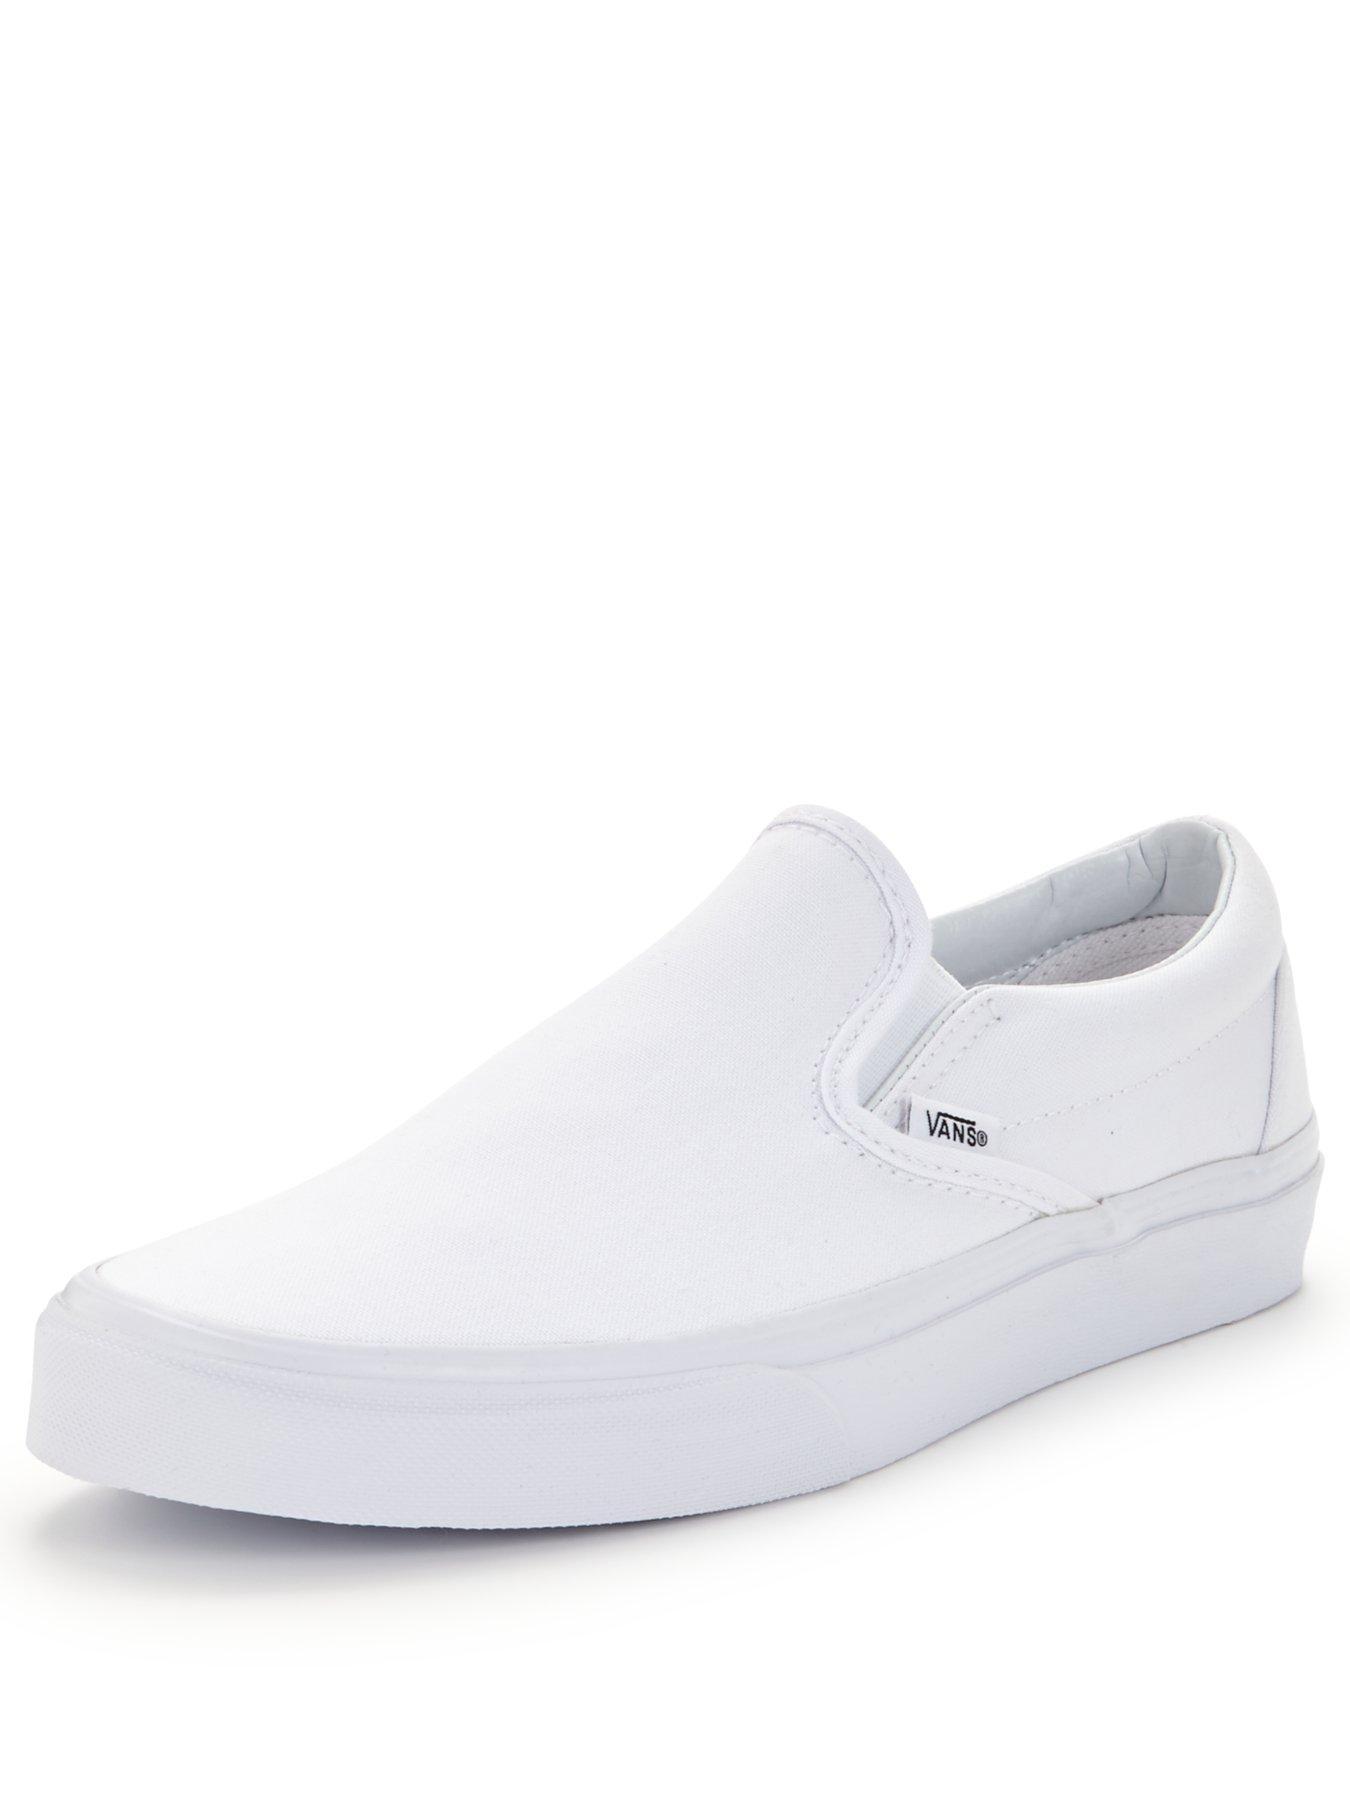 6 | White | Vans | Trainers | Women